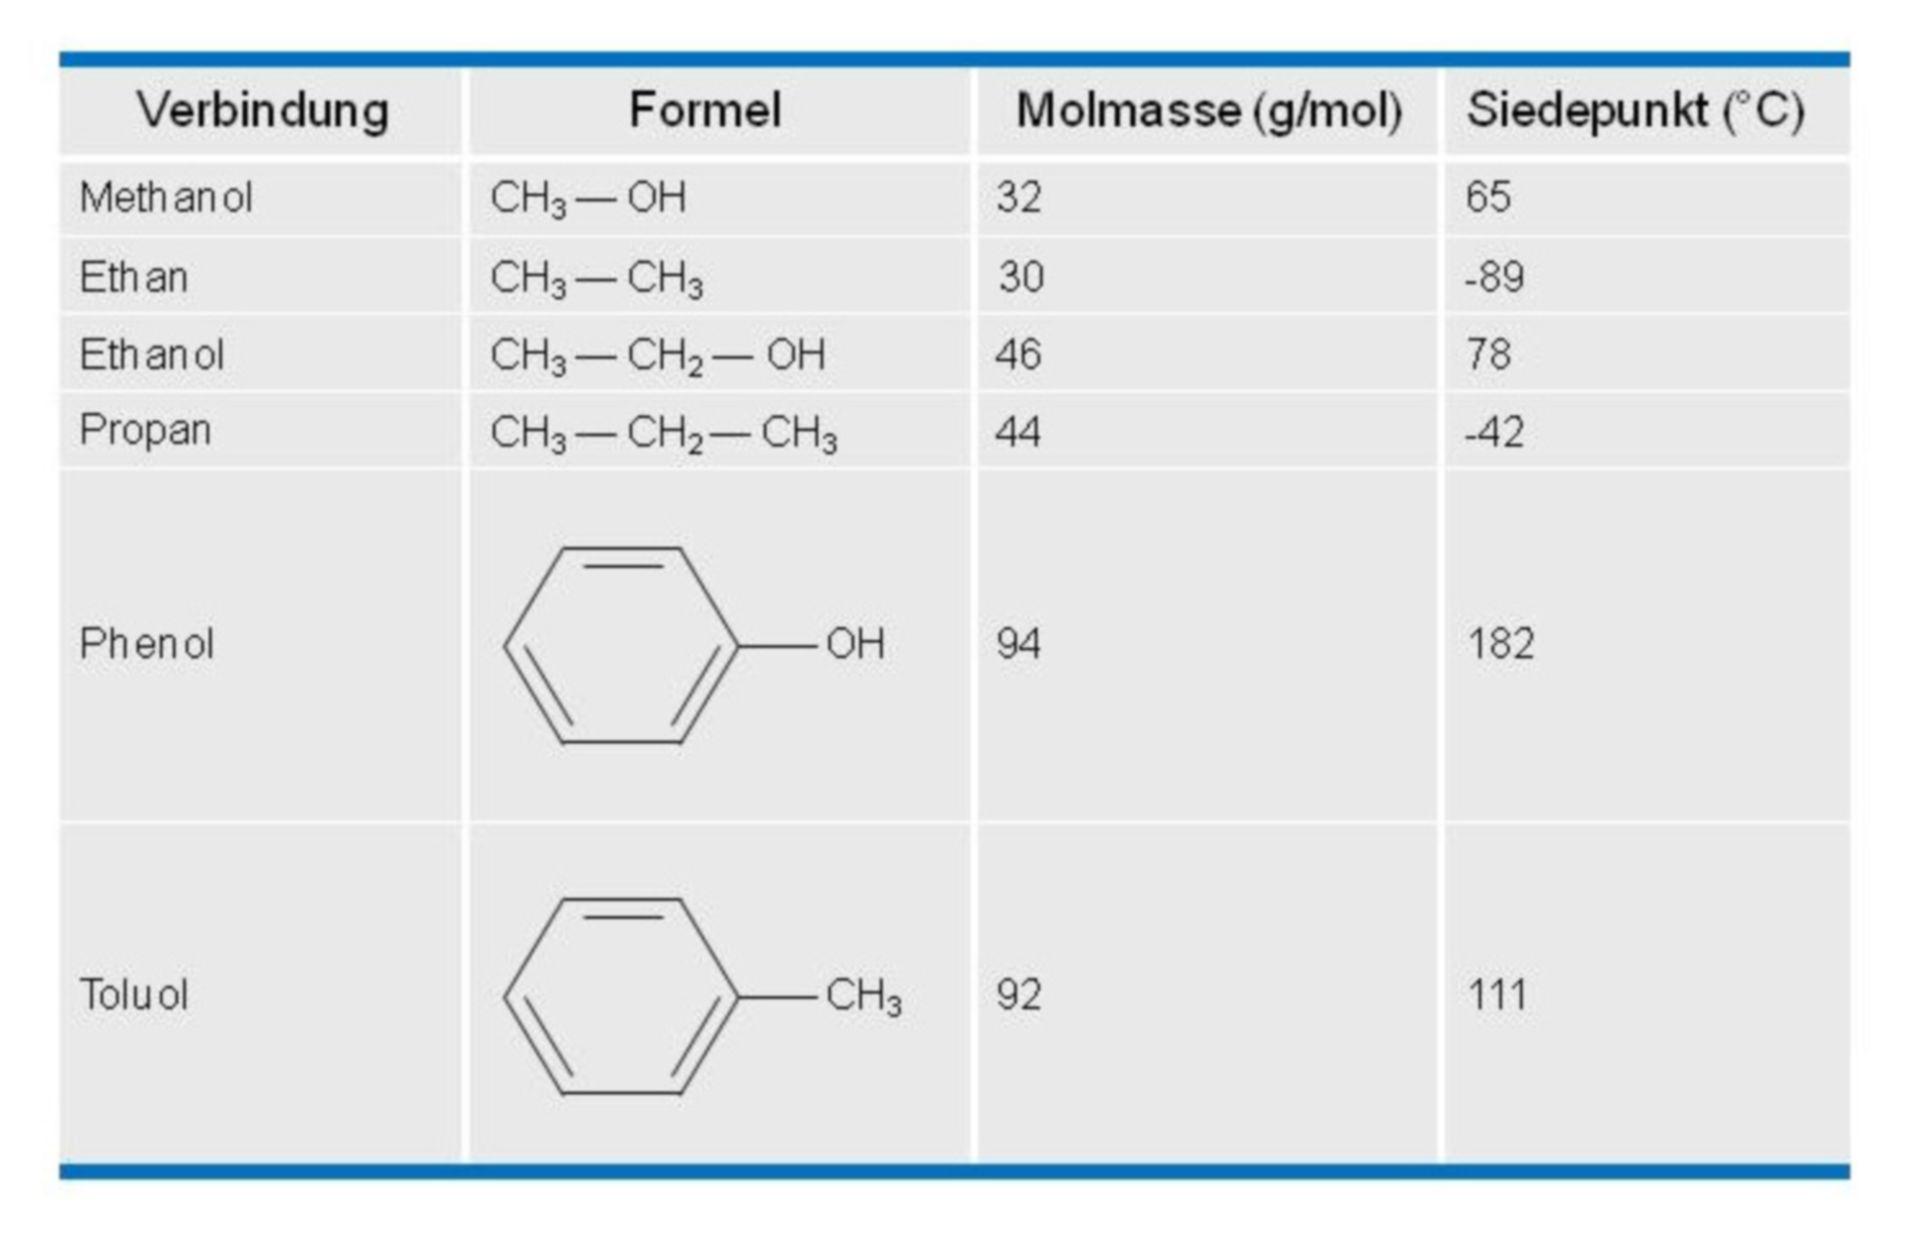 Comparison of compounds